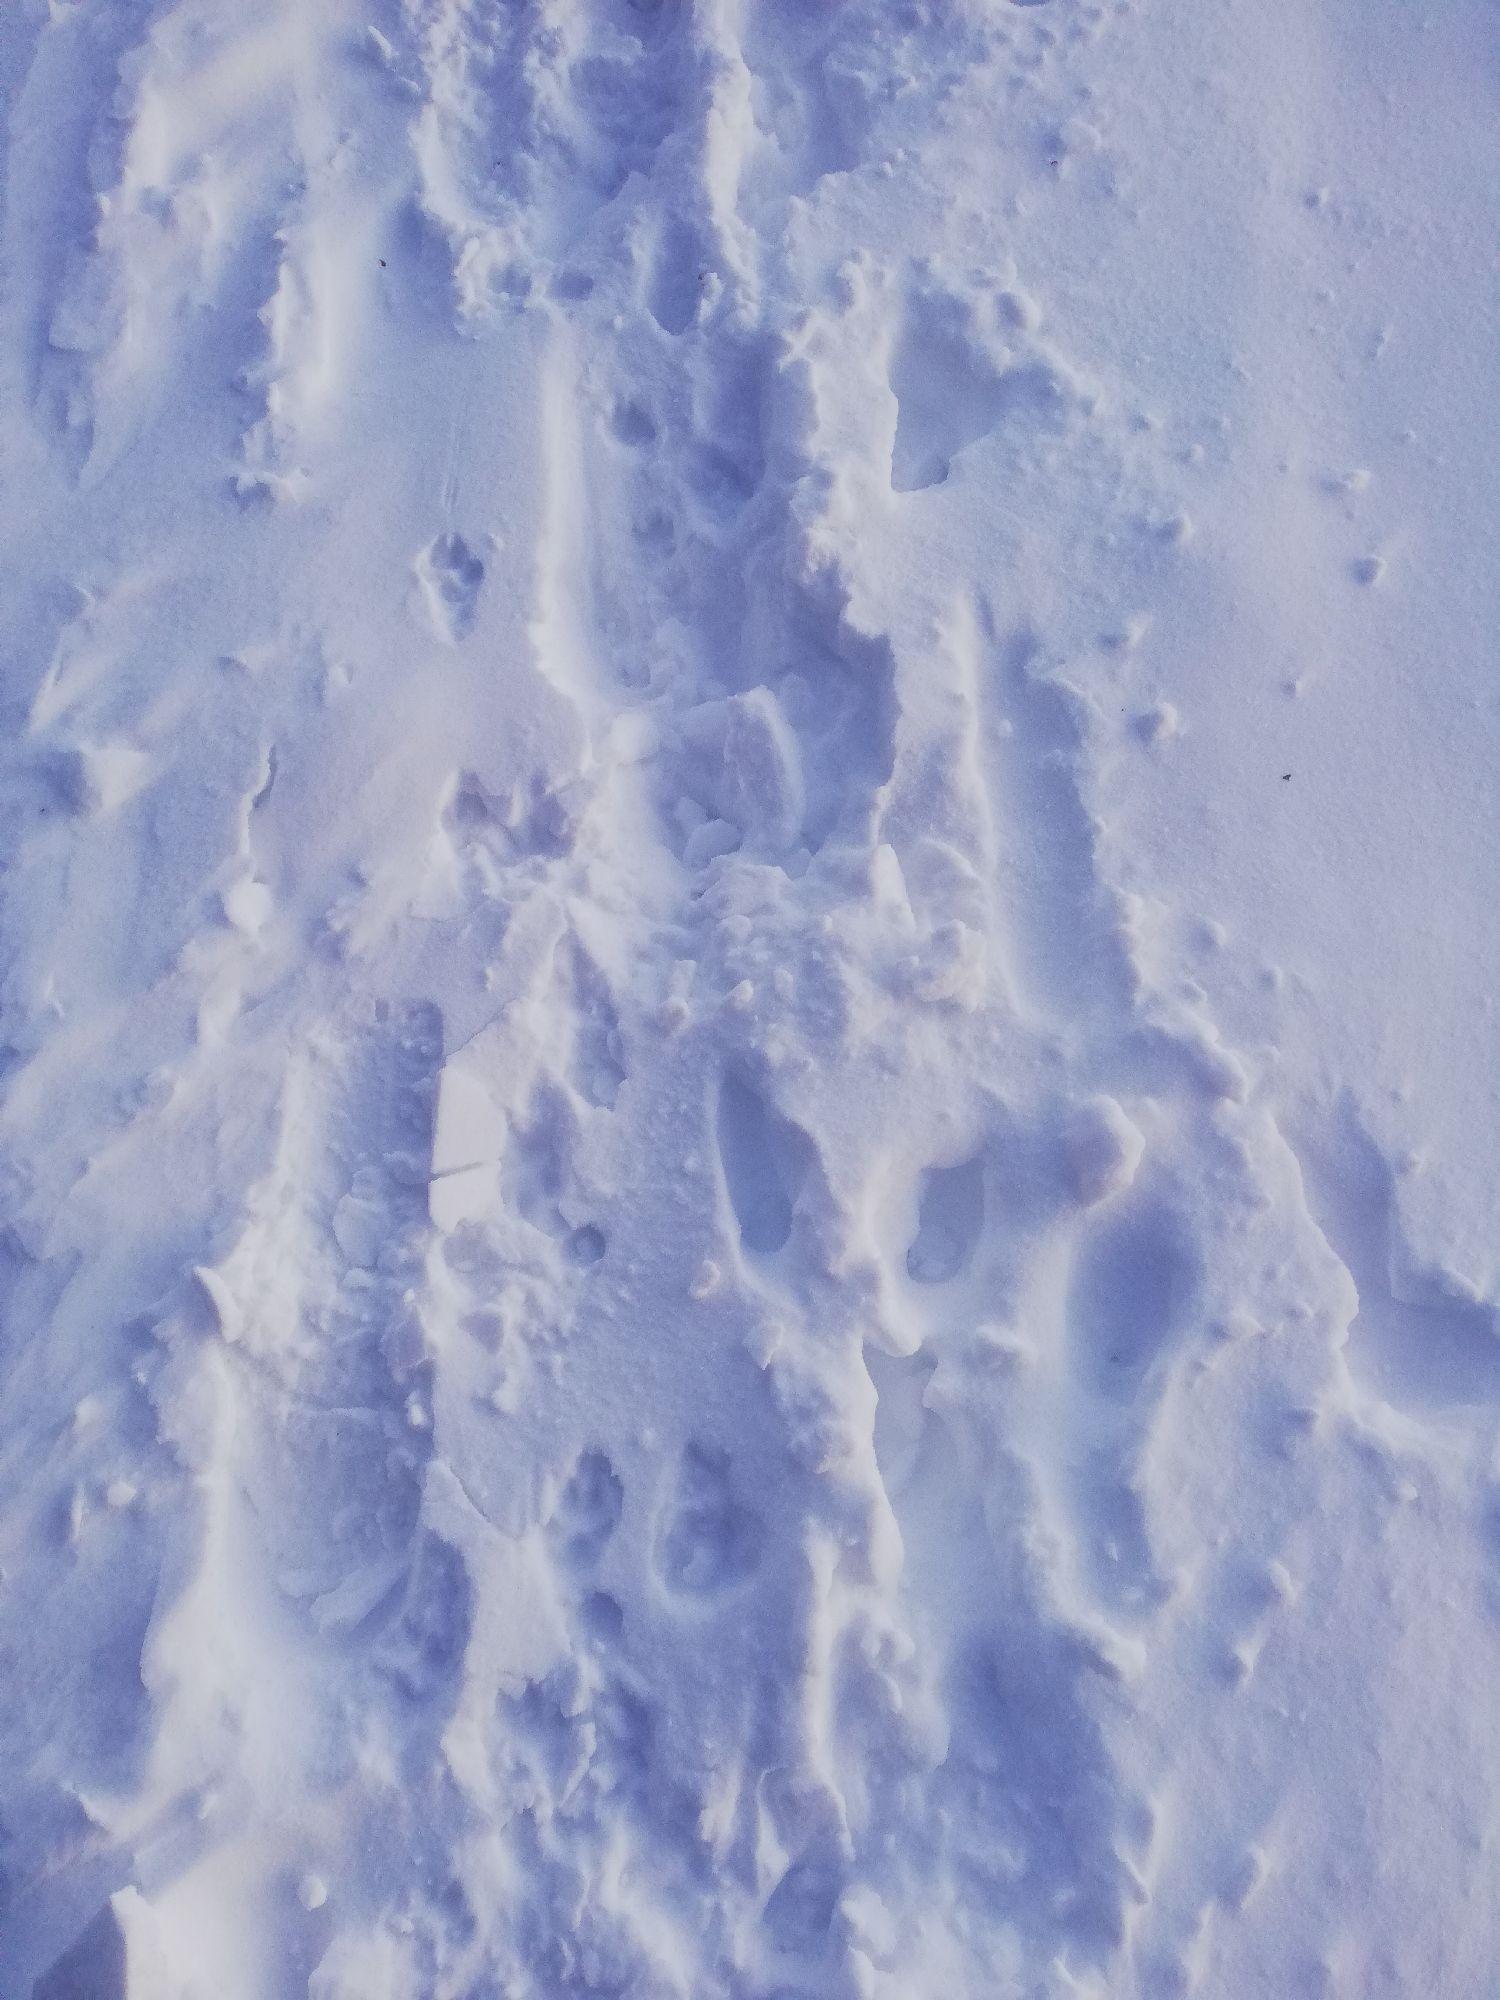 цвет снега был классный, не знаю как будет у вас на экранах. У меня на разных экранах по-разному)